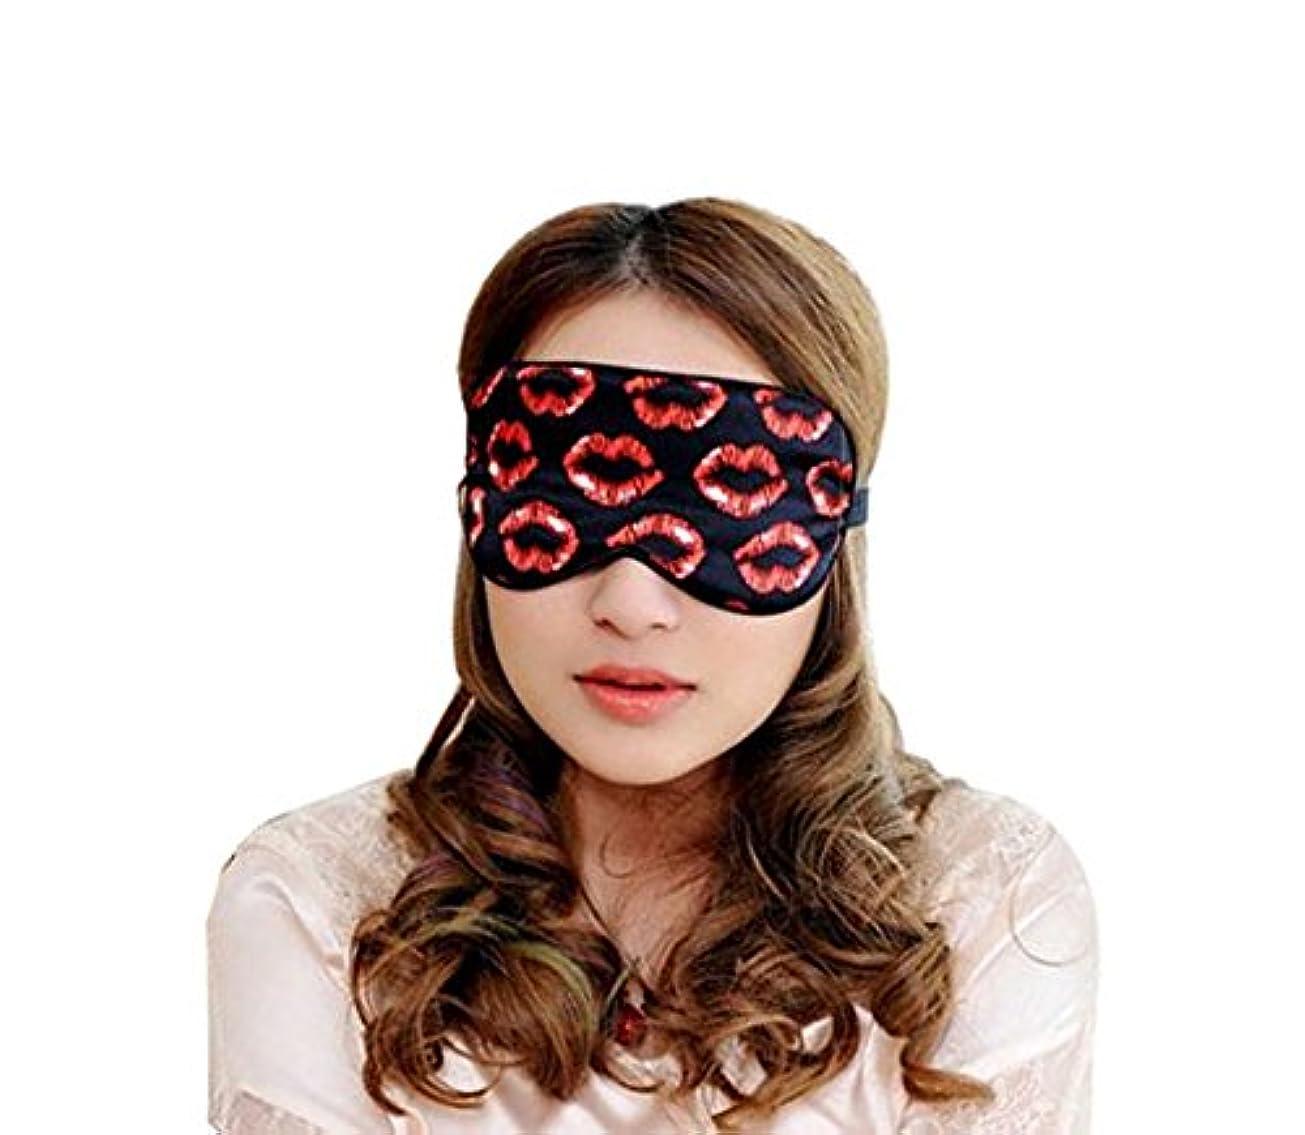 ごみジャングル信じるスーパーソフトシルクアイ赤い唇をマスクラブリーパーソナリティアイシェードスリープアイマスク